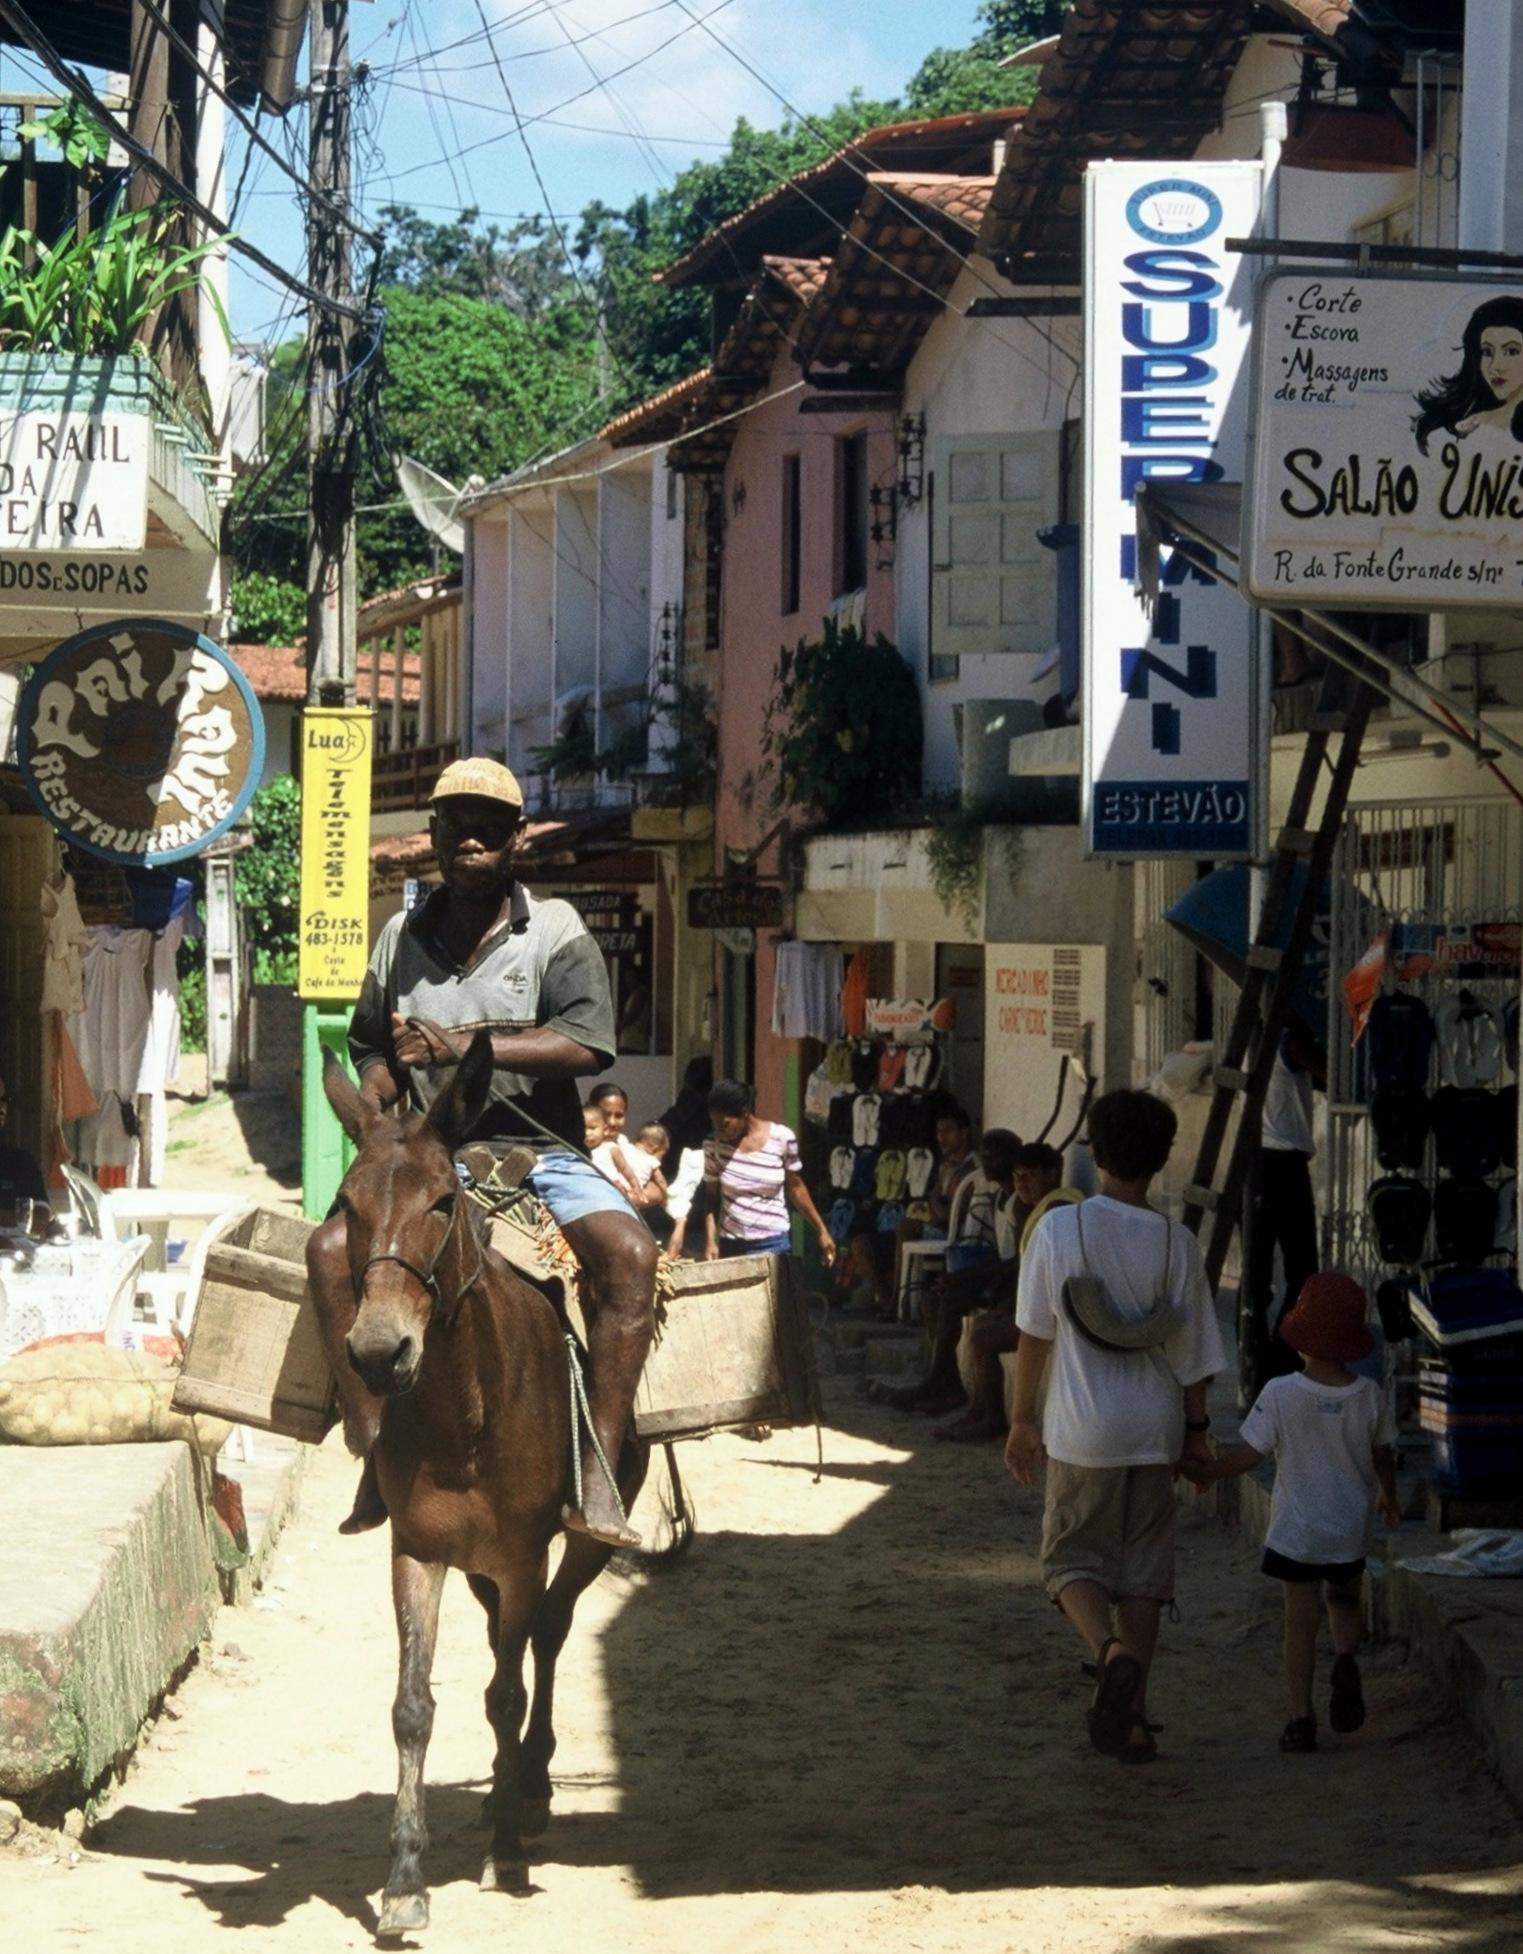 Bahia : ilha de Tinharé Morro de São Paulo